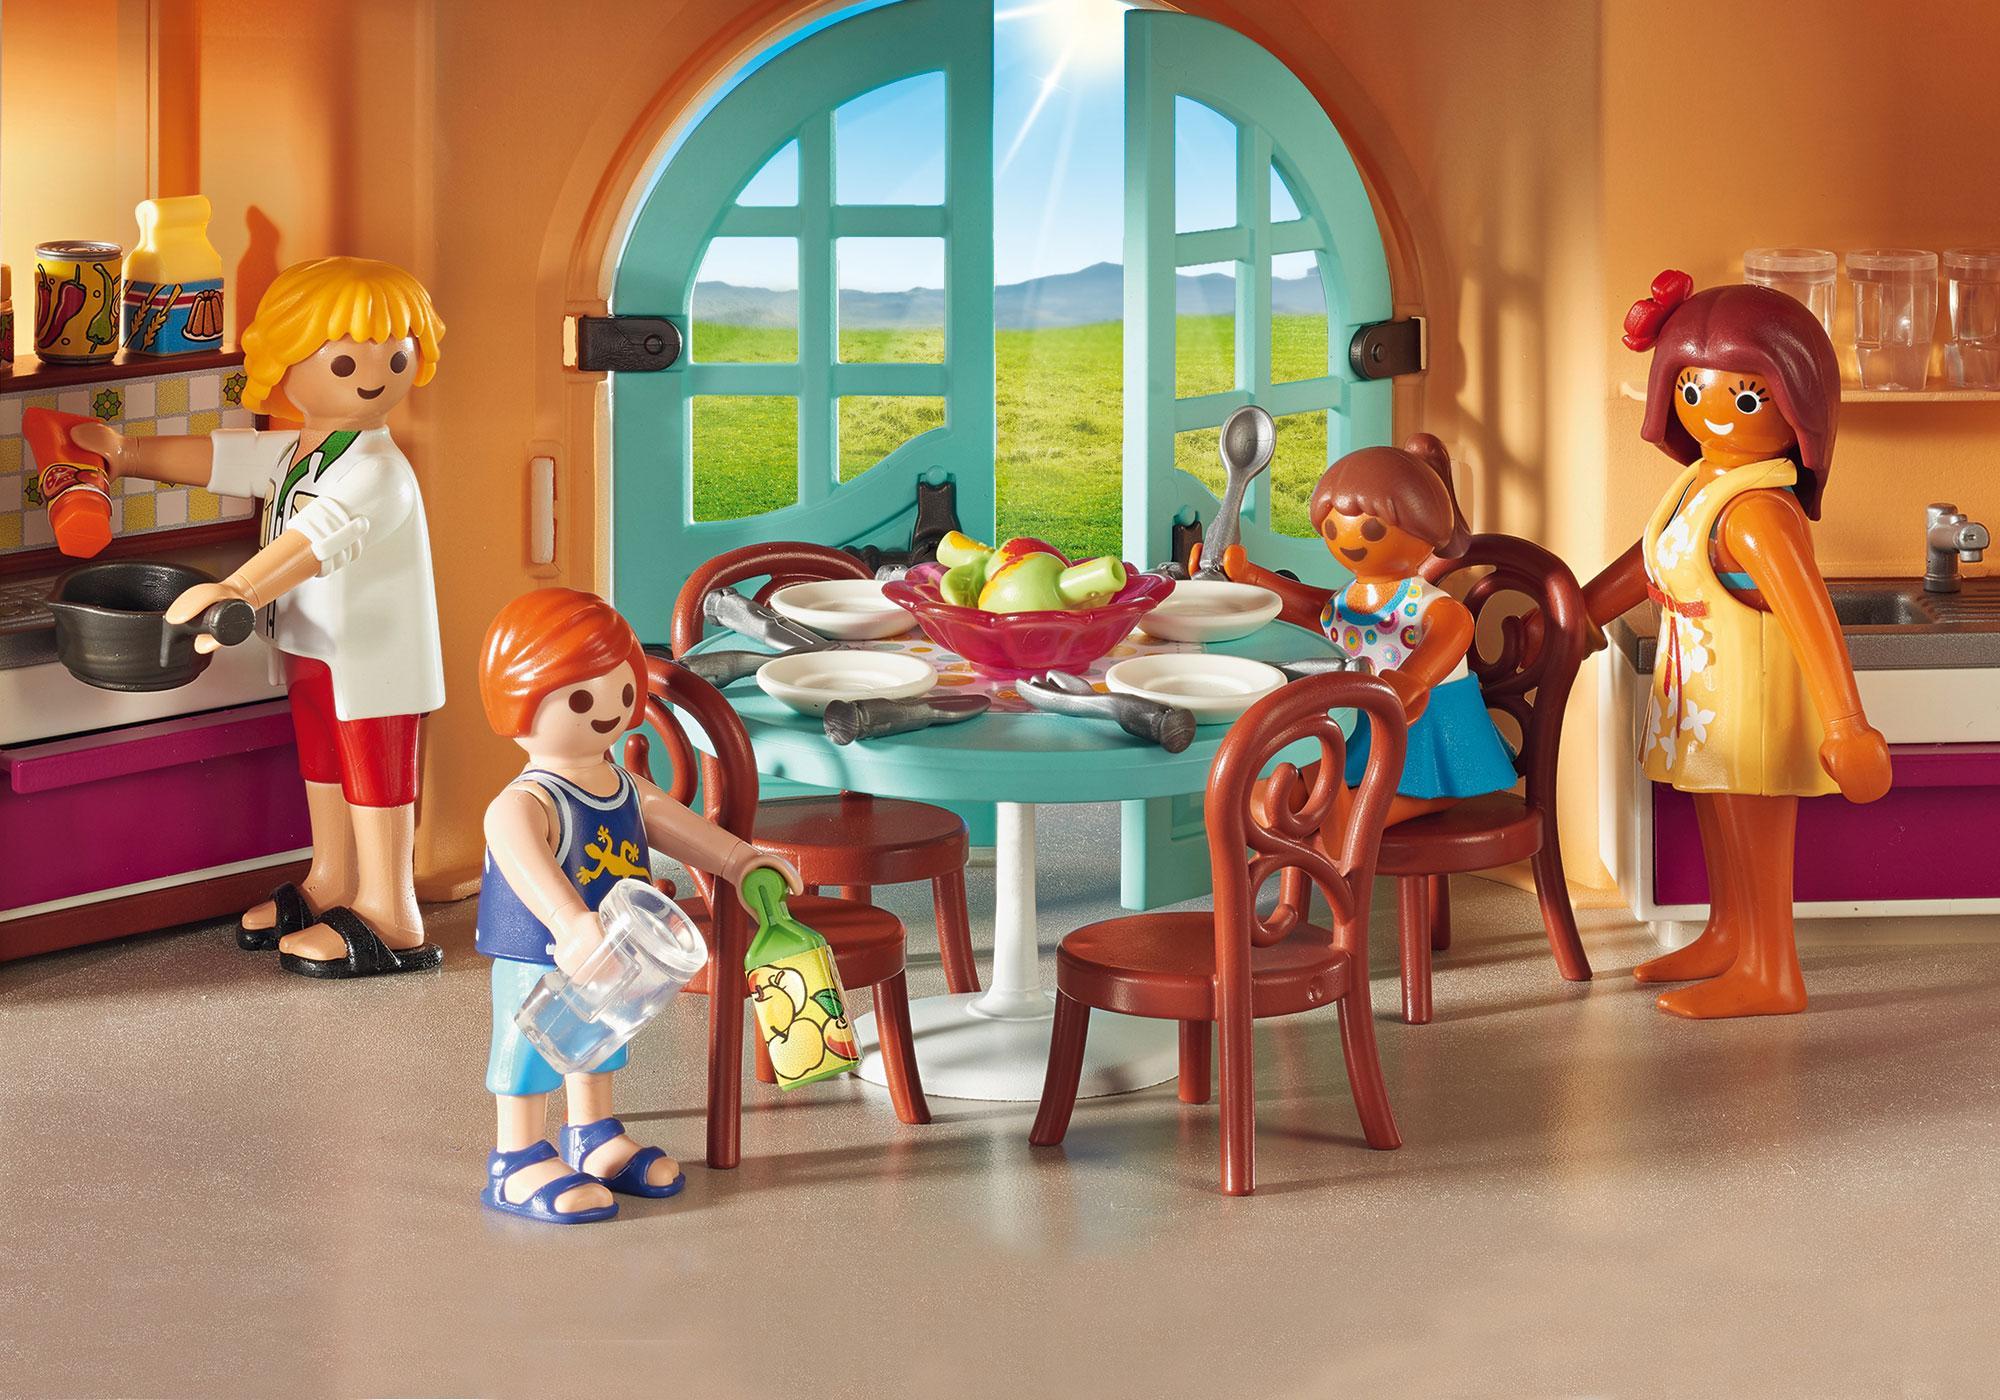 http://media.playmobil.com/i/playmobil/9420_product_extra1/Summer Villa